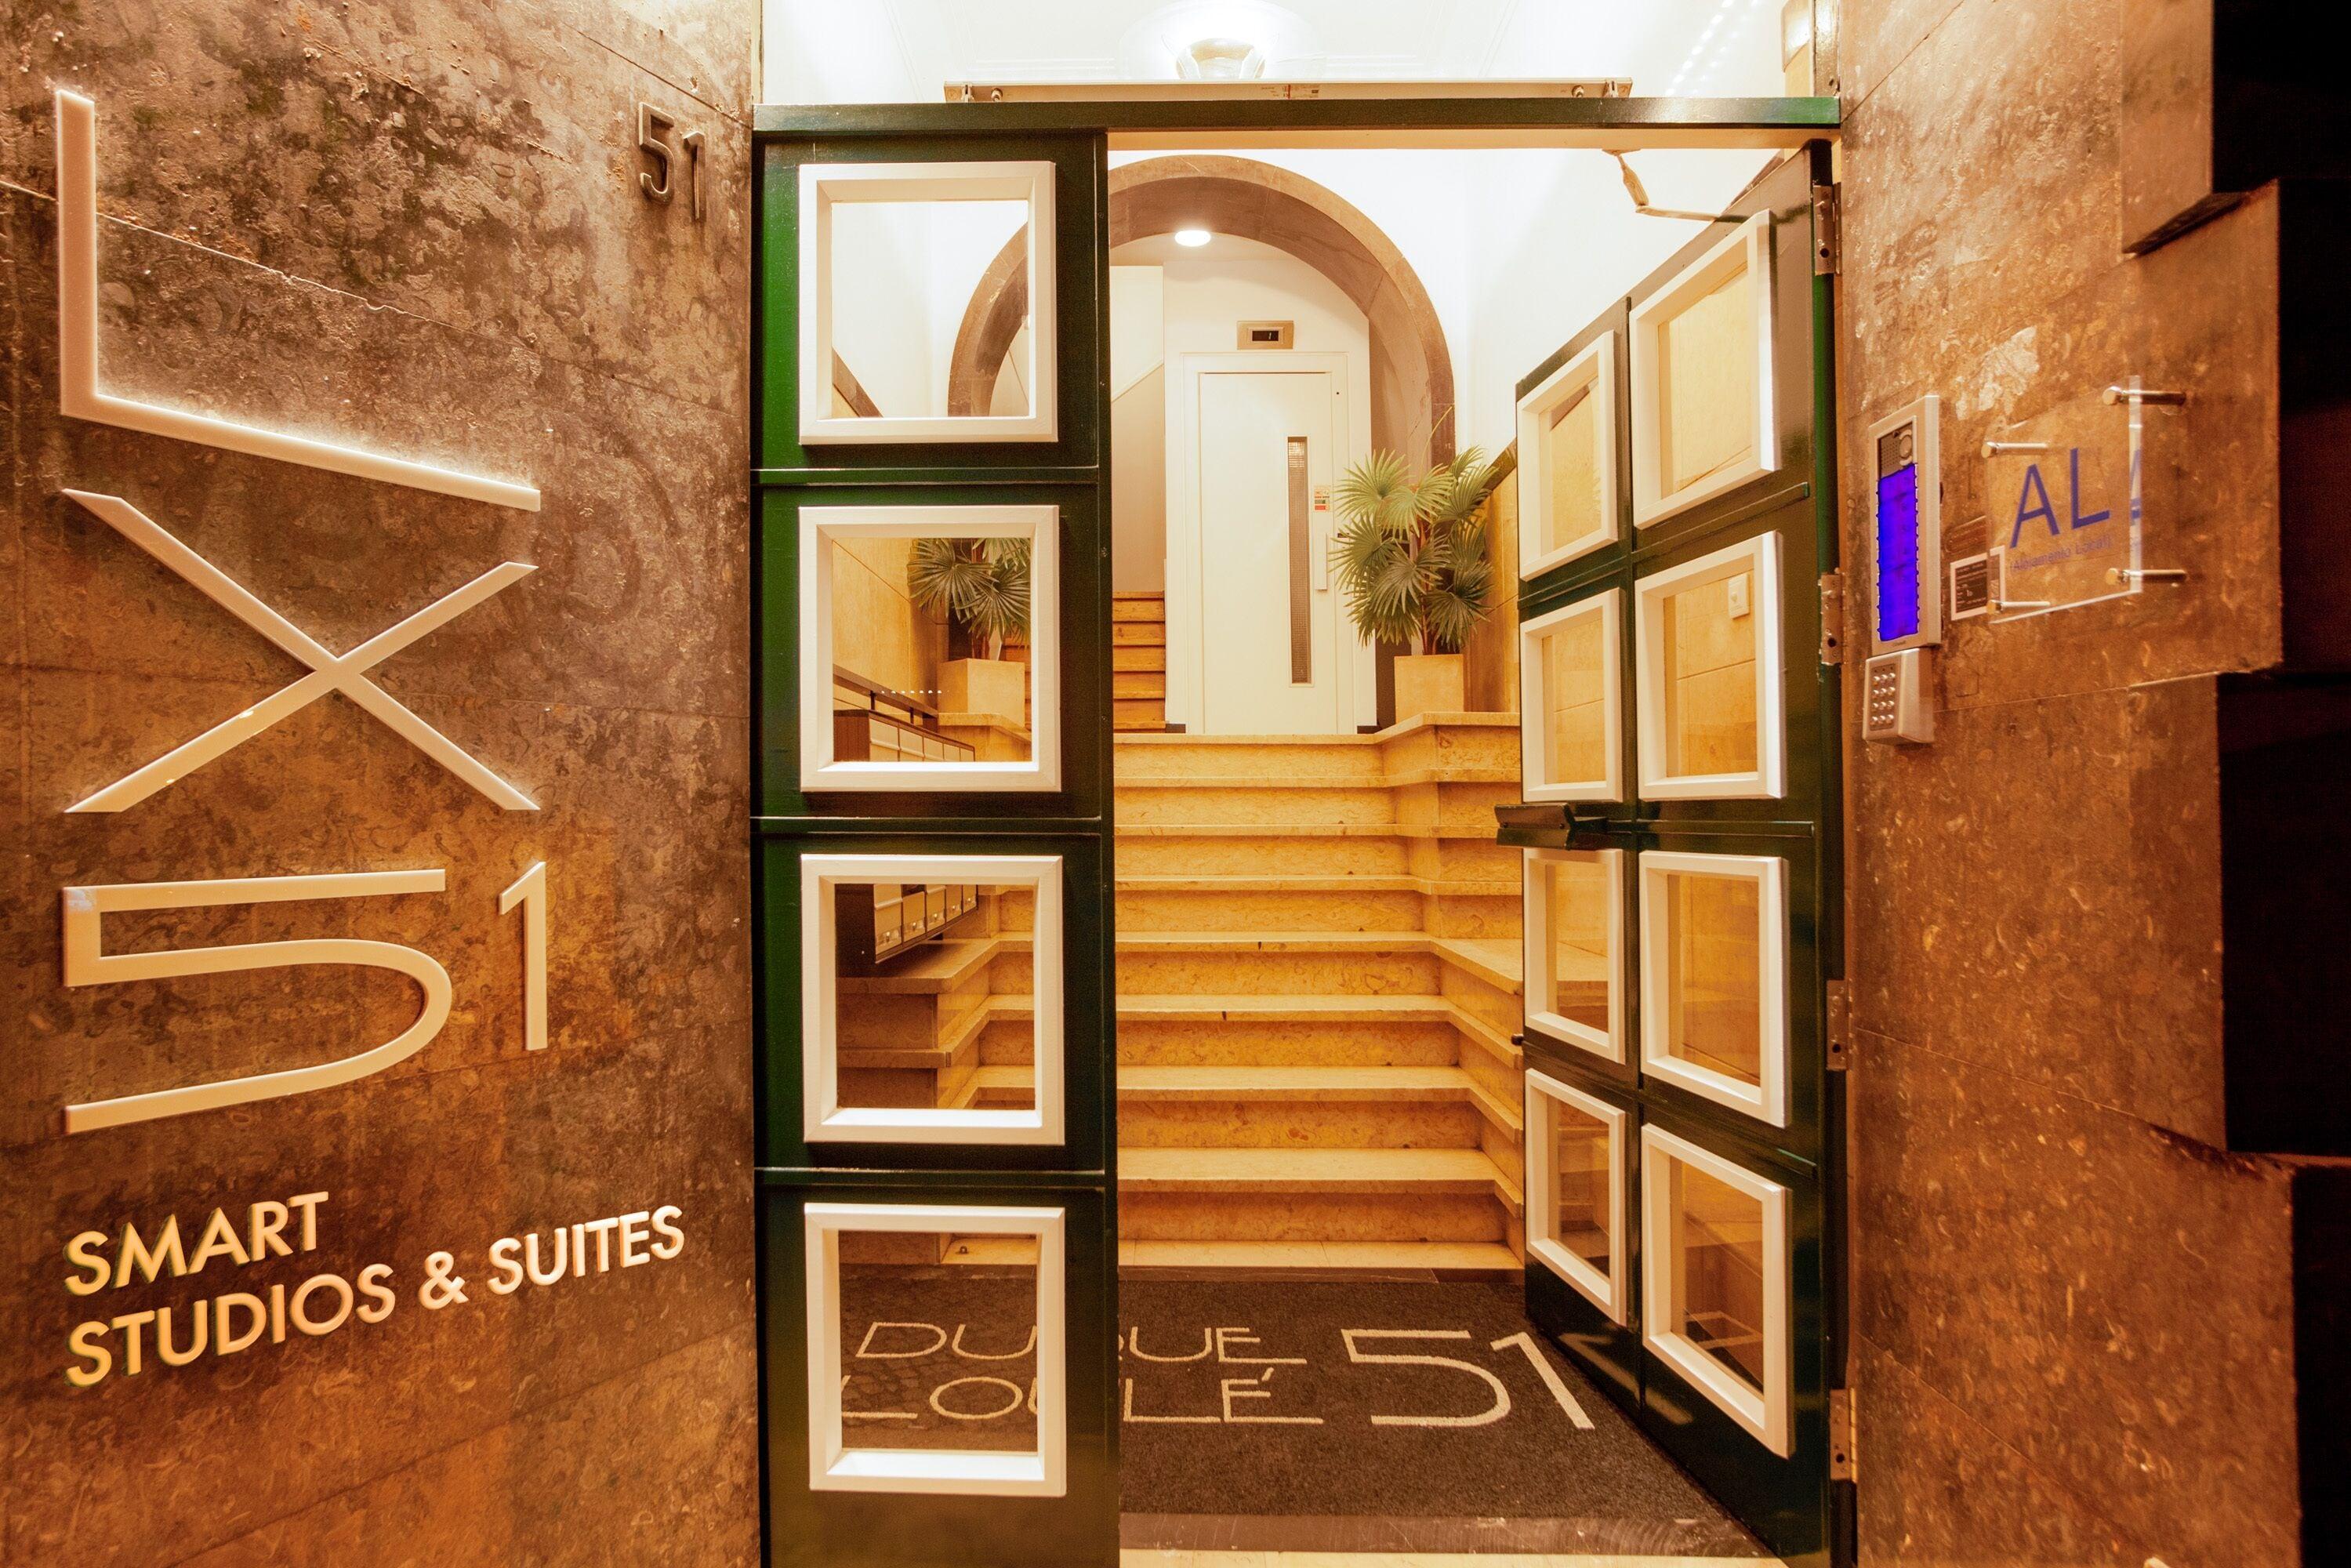 Lx51 – Smart Suites